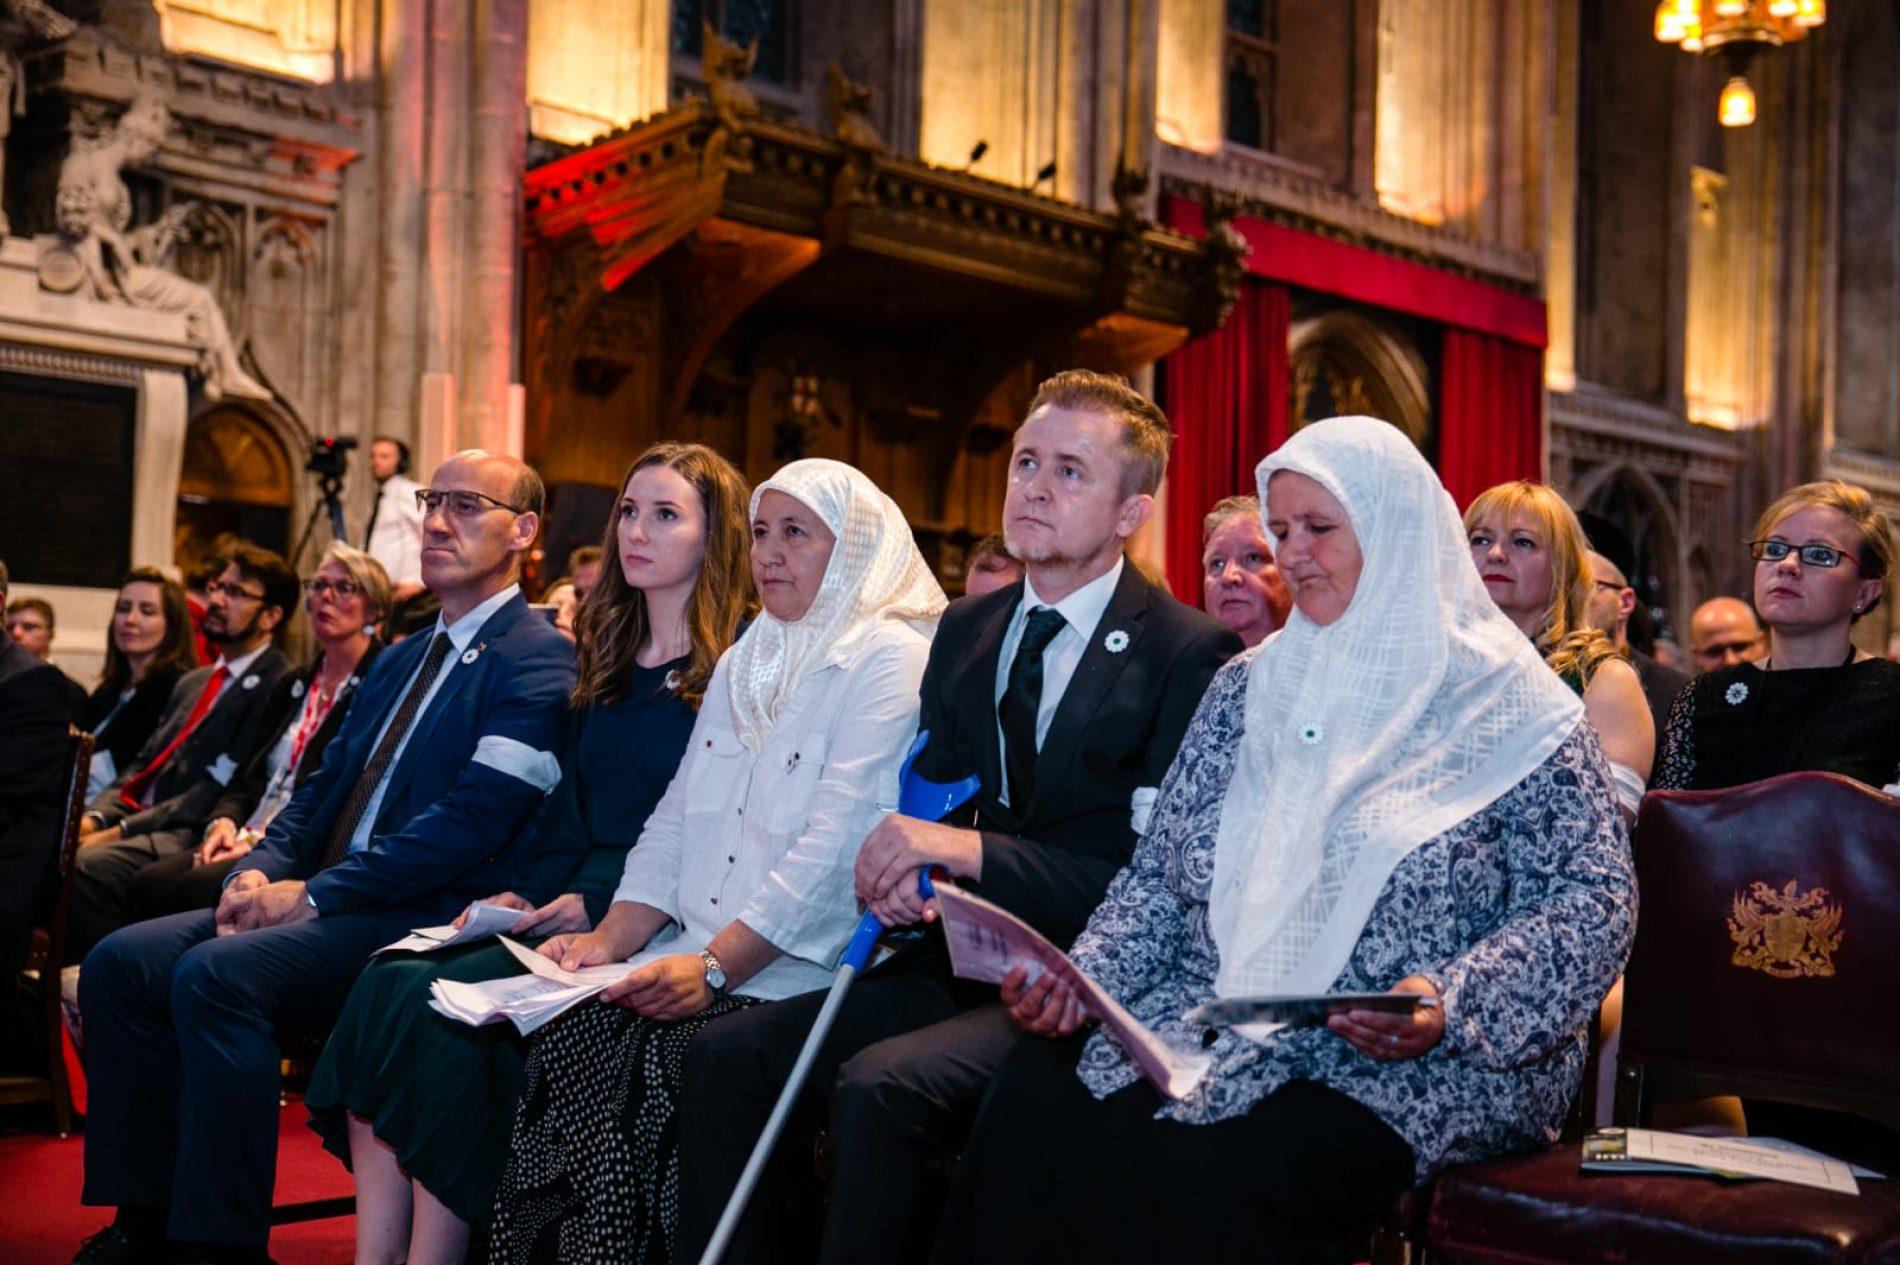 Više od 1100 događaja biće organizovano širom V. Britanije u Sedmici sjećanja na Srebrenicu